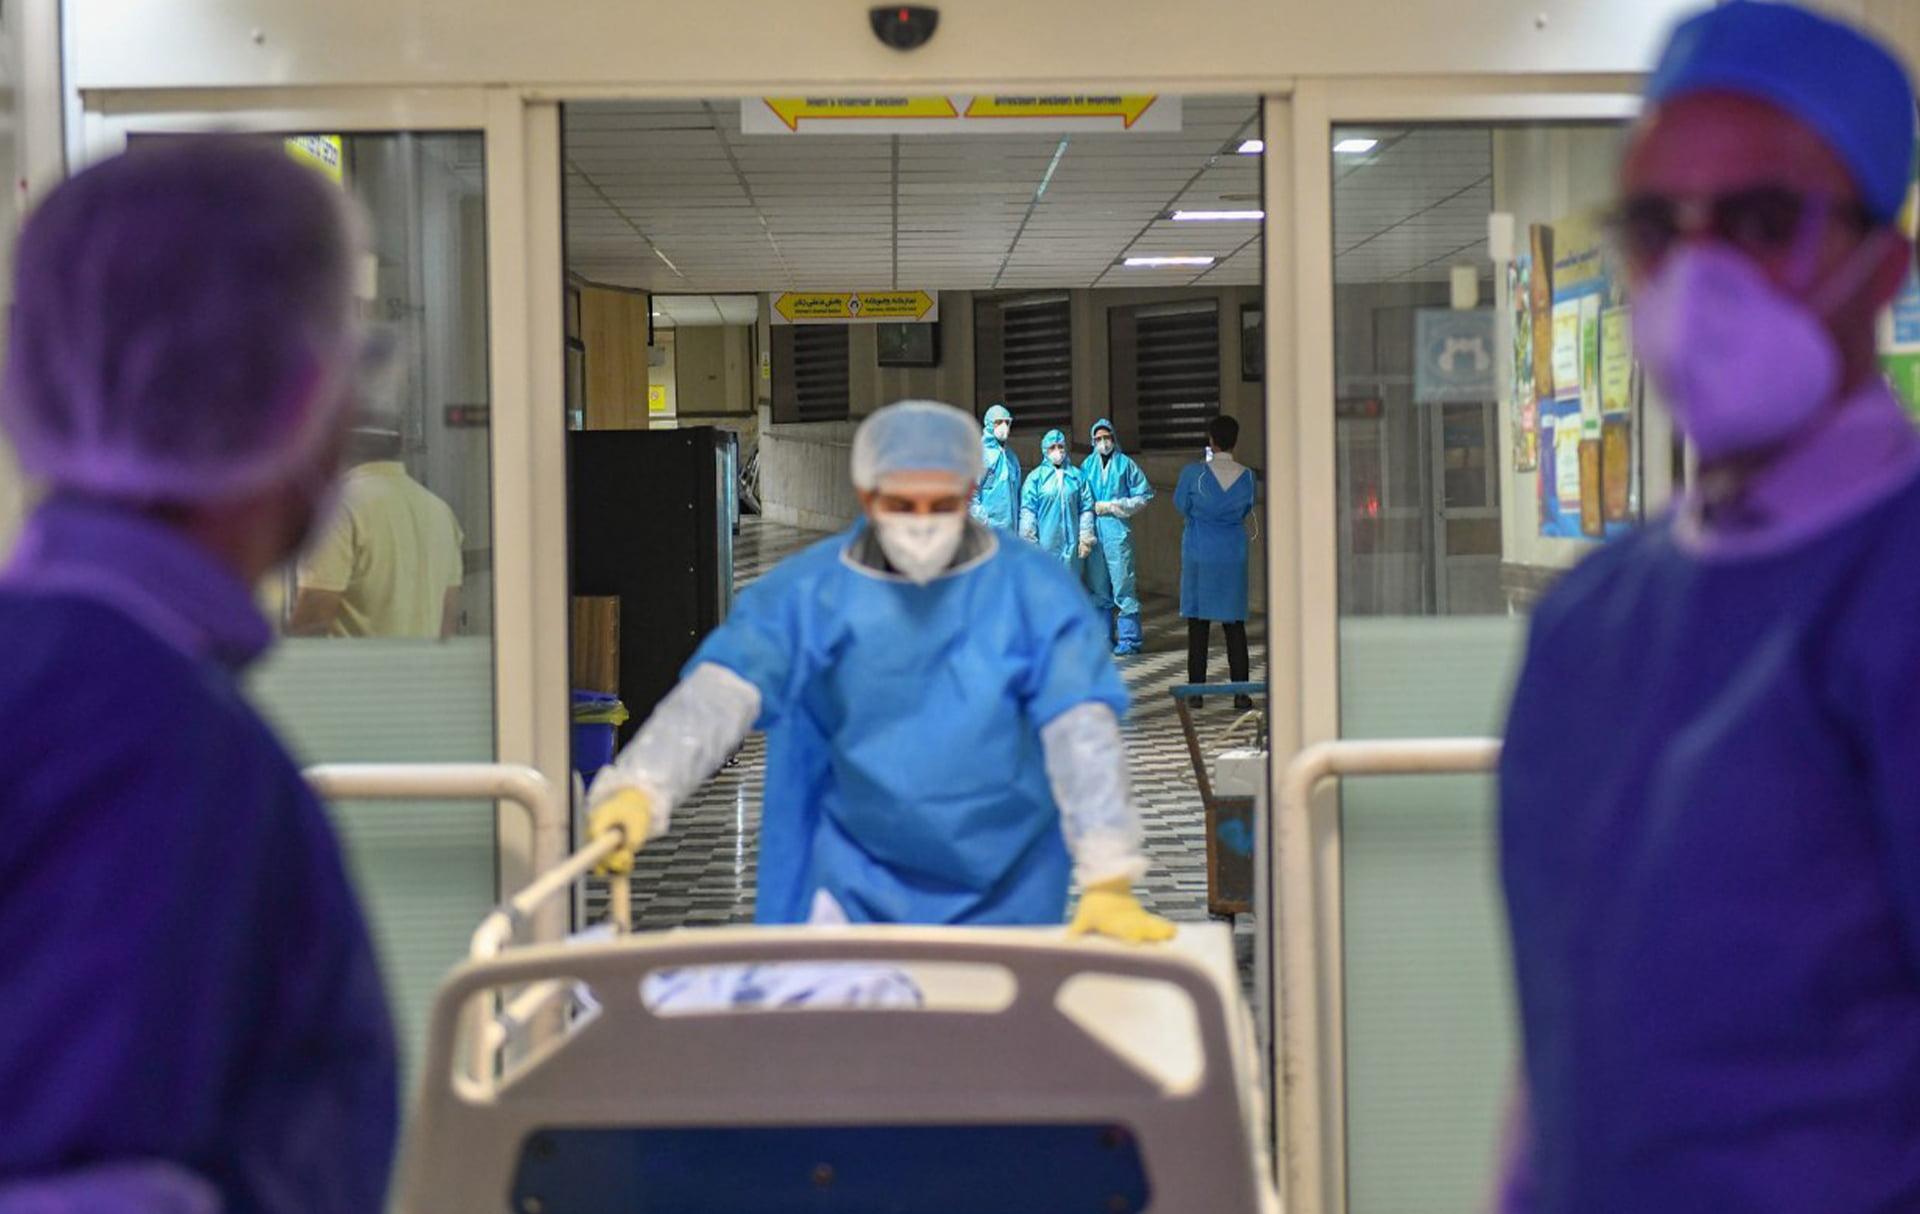 خبری مهم برای بازارها / واکسن آکسفورد موفقیتآمیز اعلام شد / واکسن کرونا آذر ماه در بازار